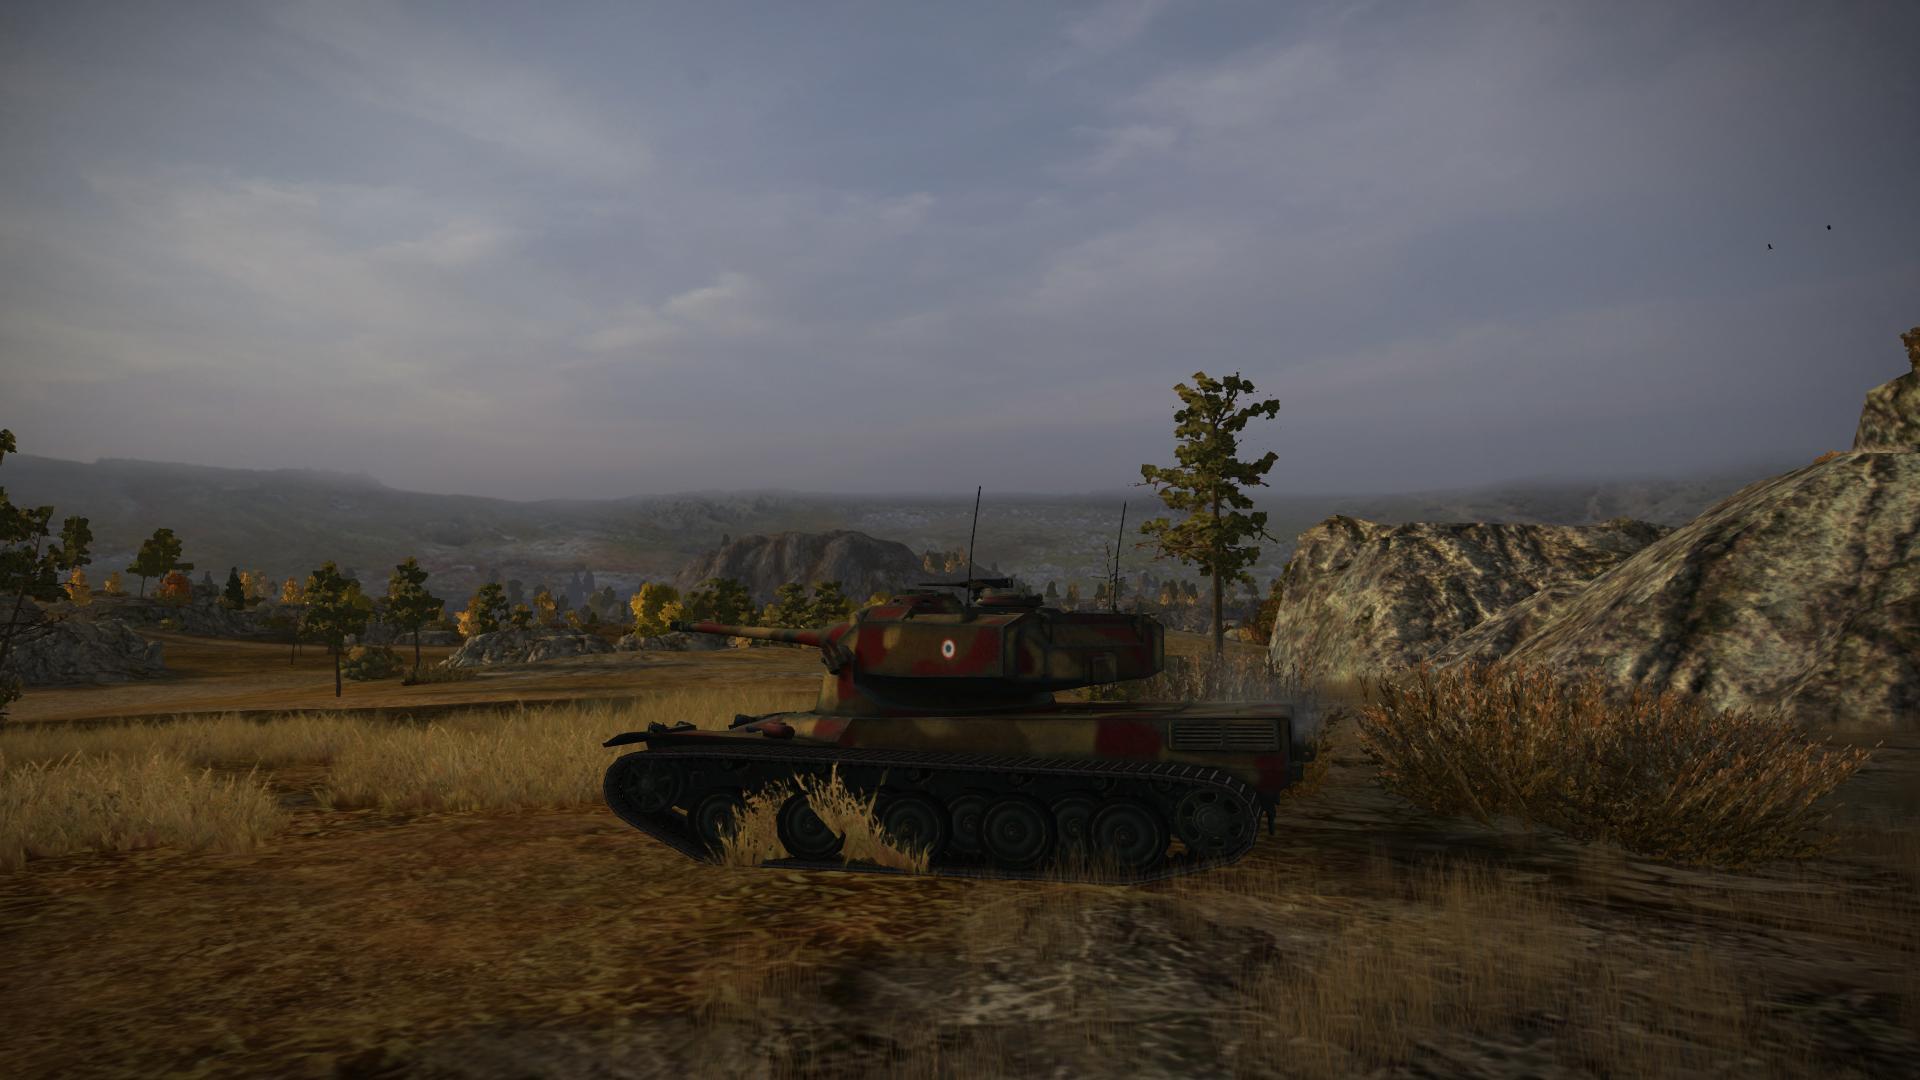 Klicke auf die Grafik für eine größere AnsichtName:AMX 50 B_7.jpgHits:80Größe:164,7 KBID:6072